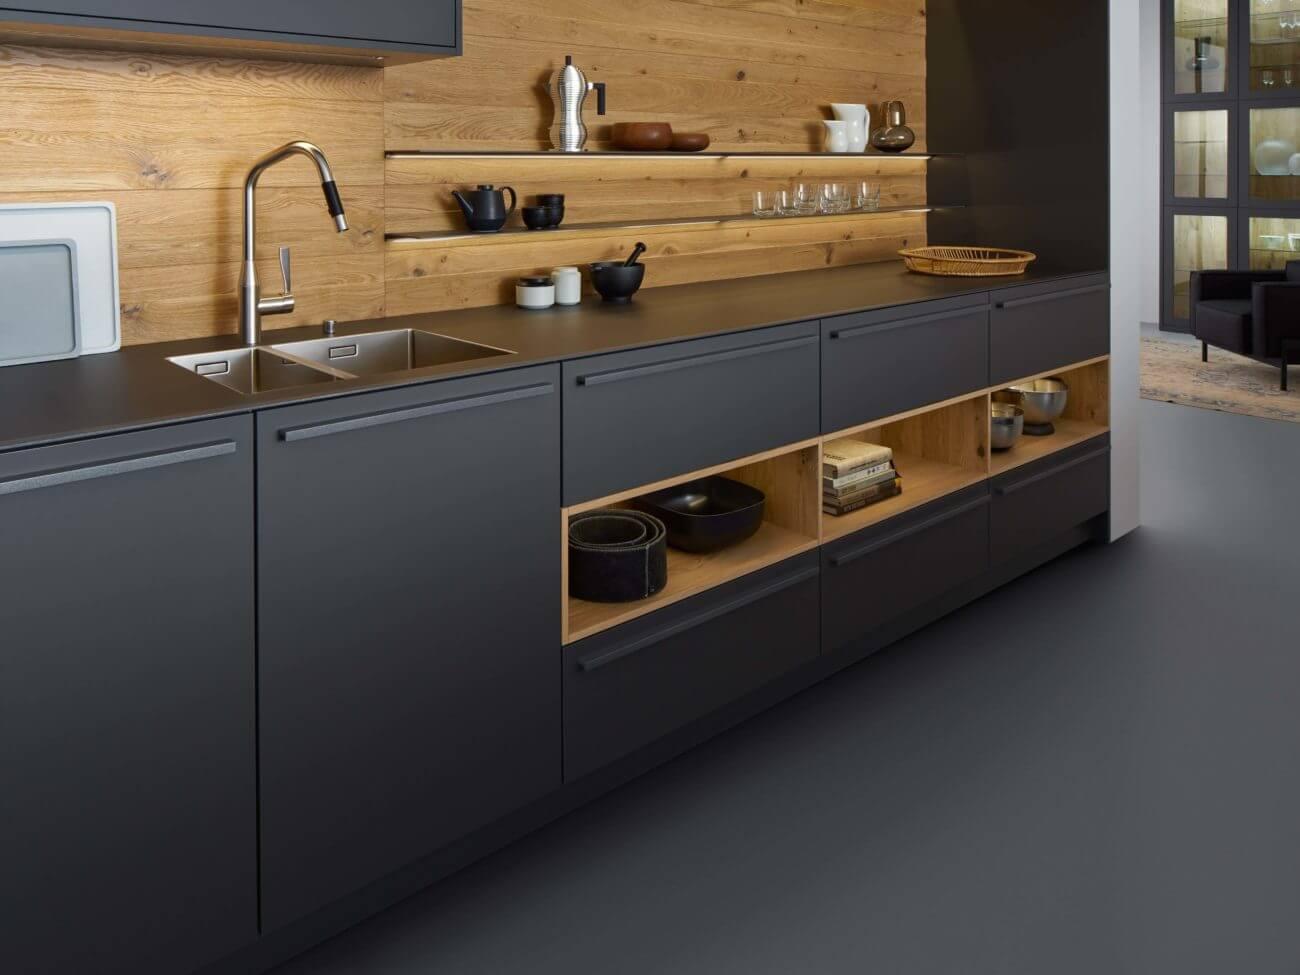 LEICHT Küche mit Rückwand aus Holz, Foto: LEICHT